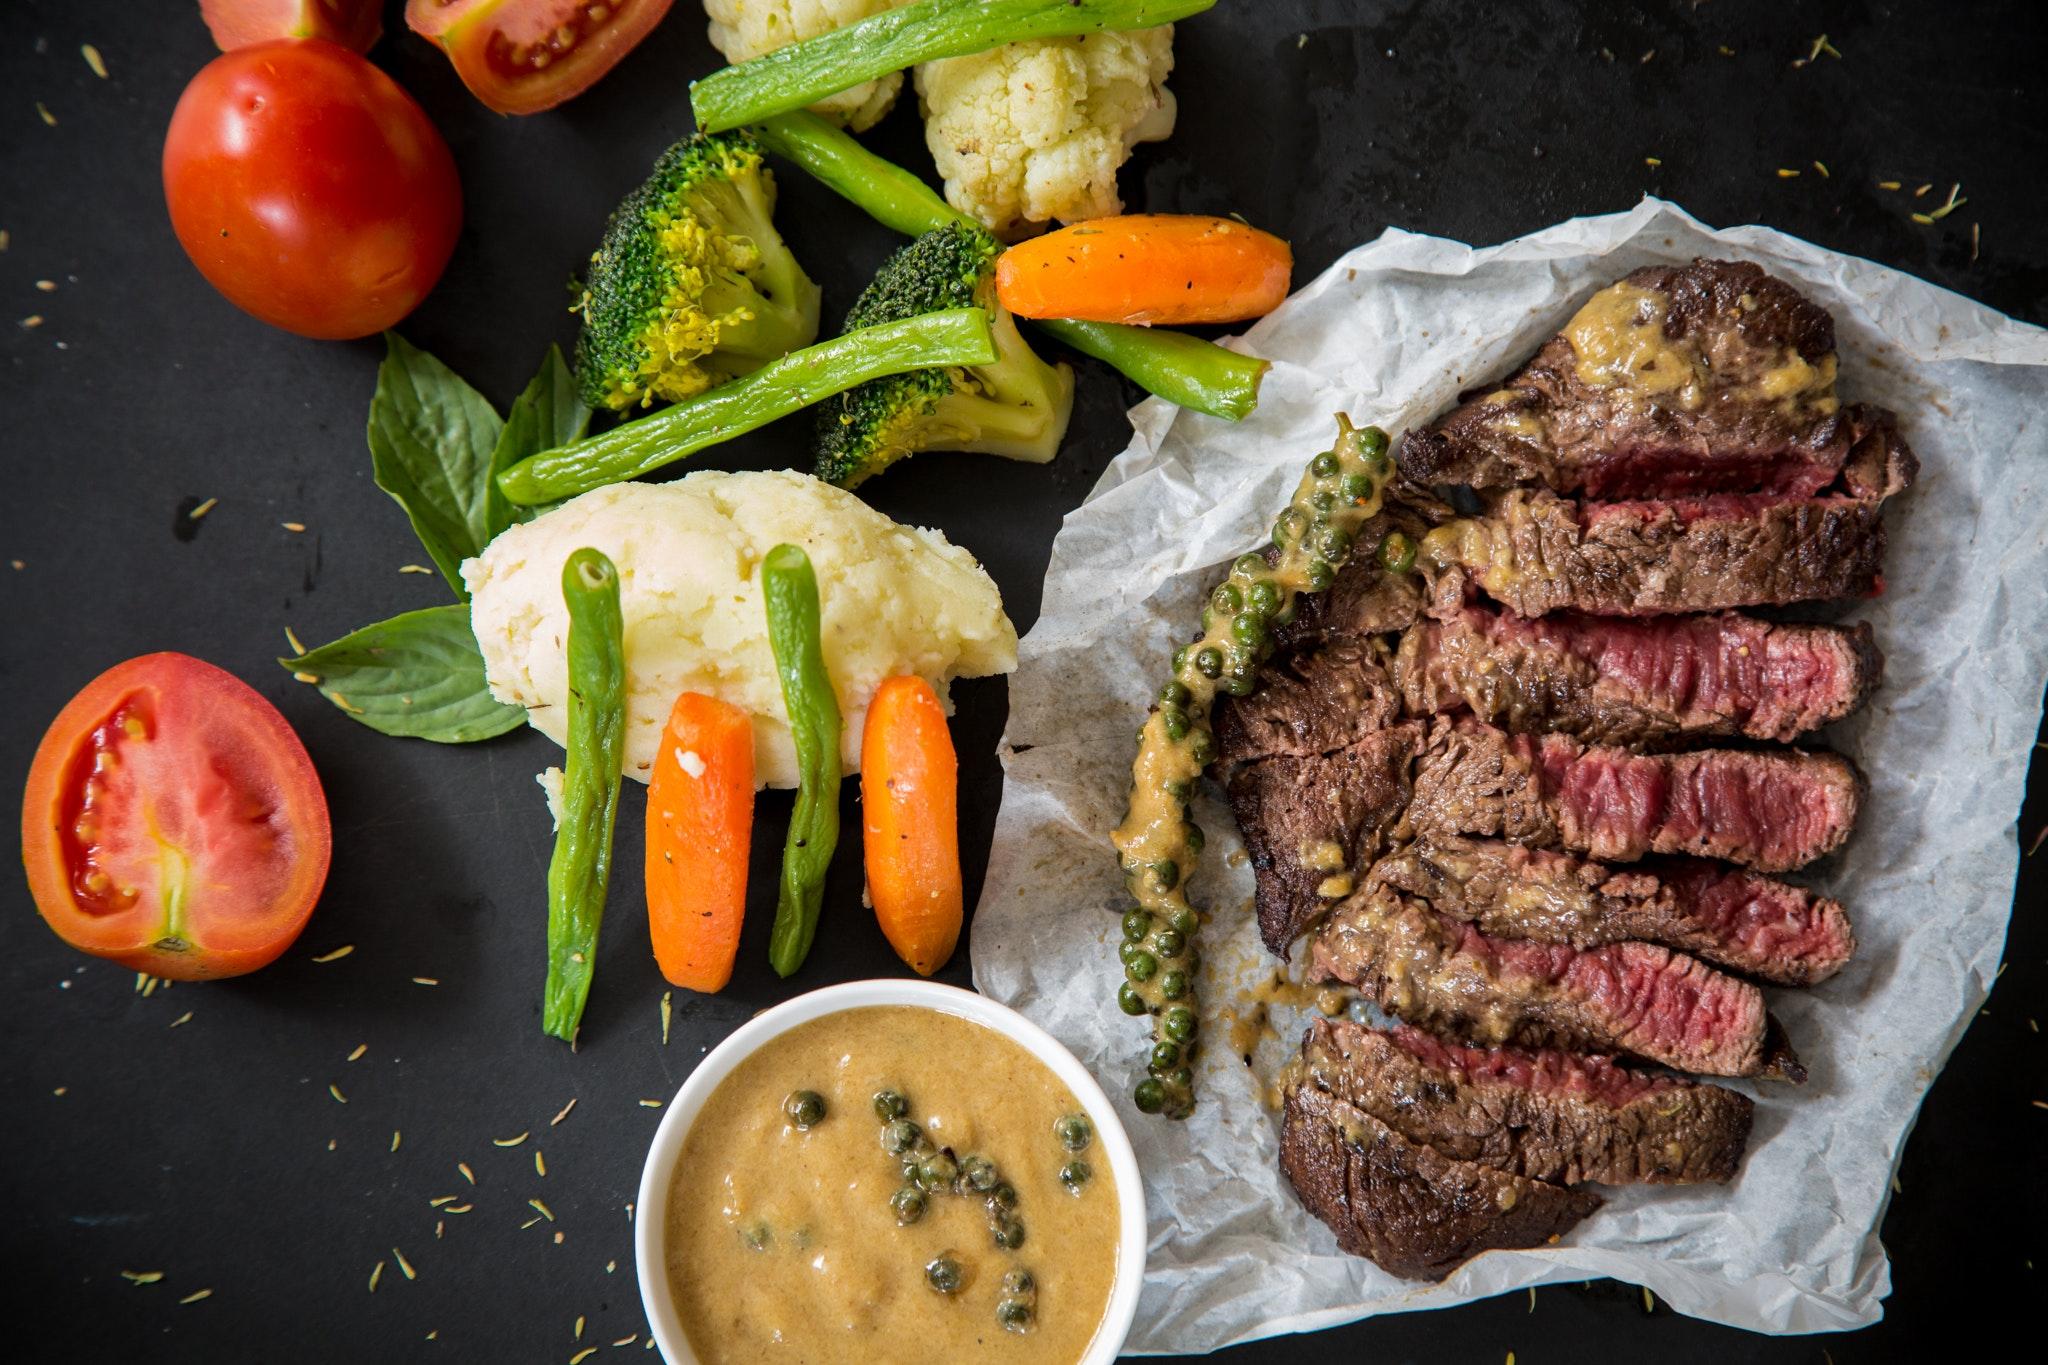 Steak, mad, aftensmad, kød, sundt, sundhed, middag, madspild